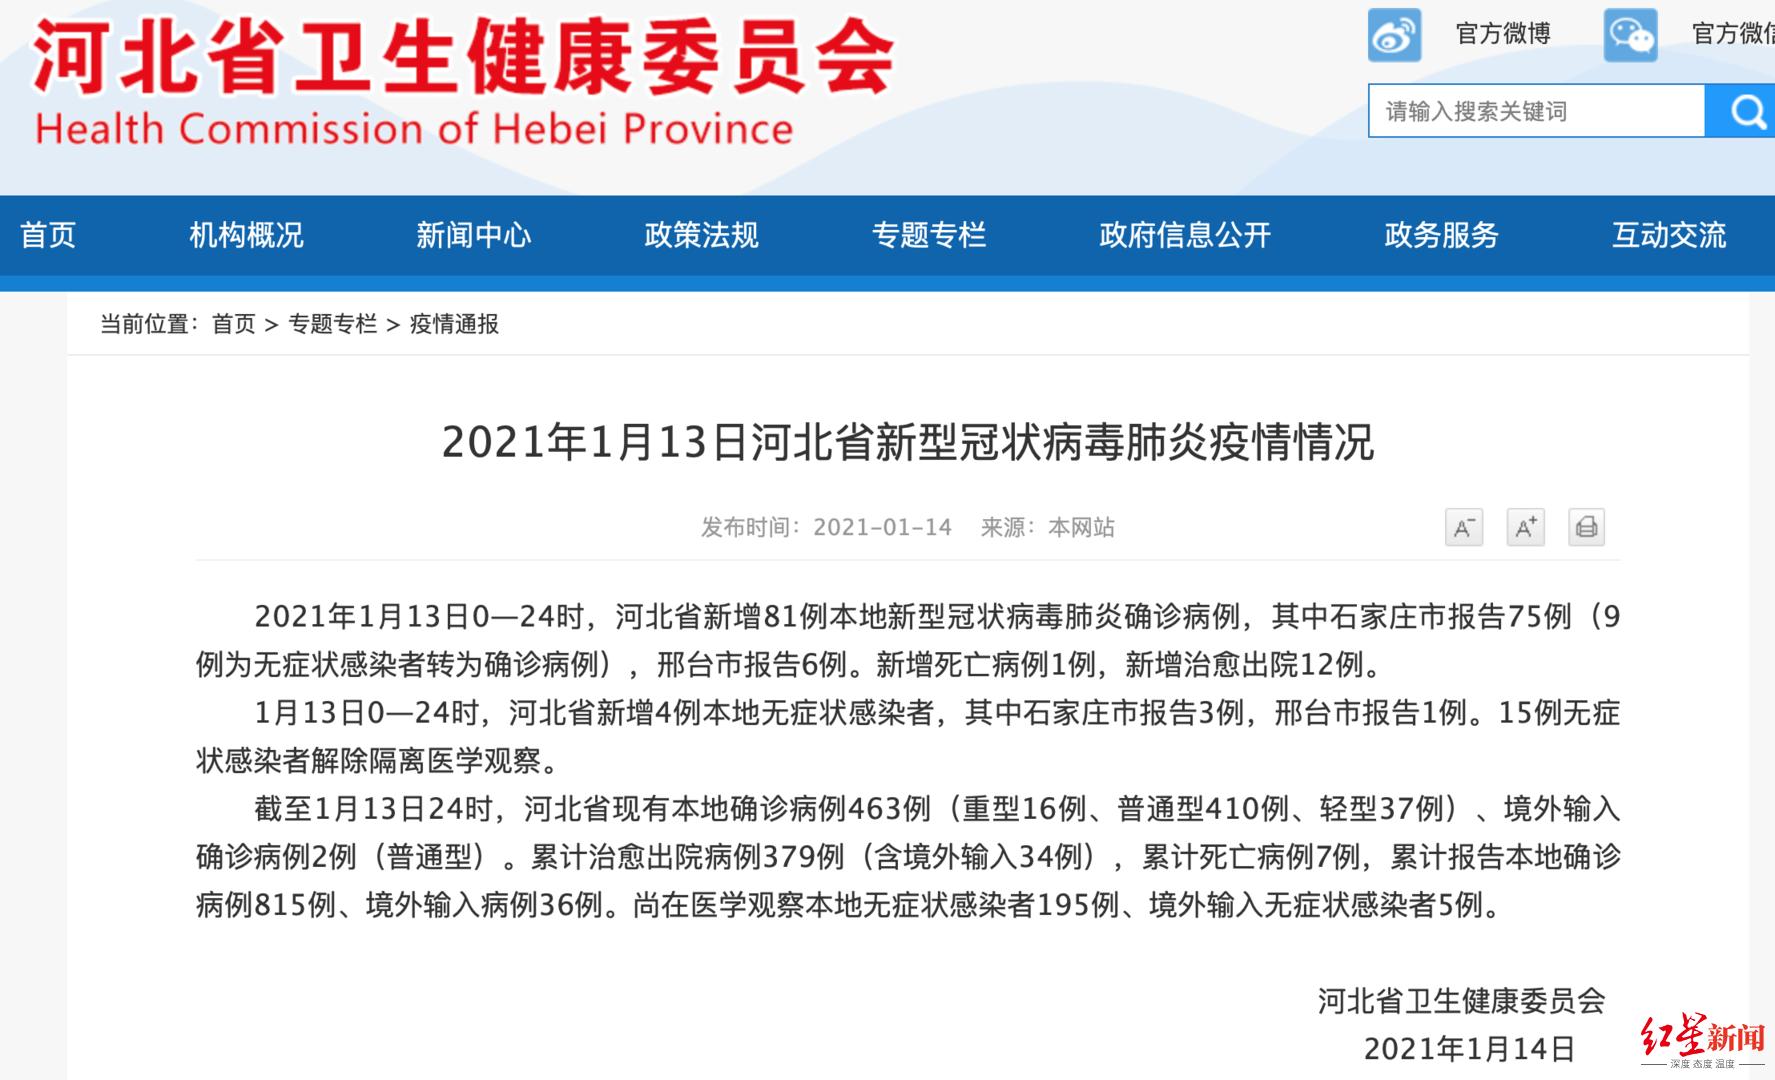 【通俗】_河北通报新增81例确诊病例行动轨迹:有12名学生 16人参加过婚宴